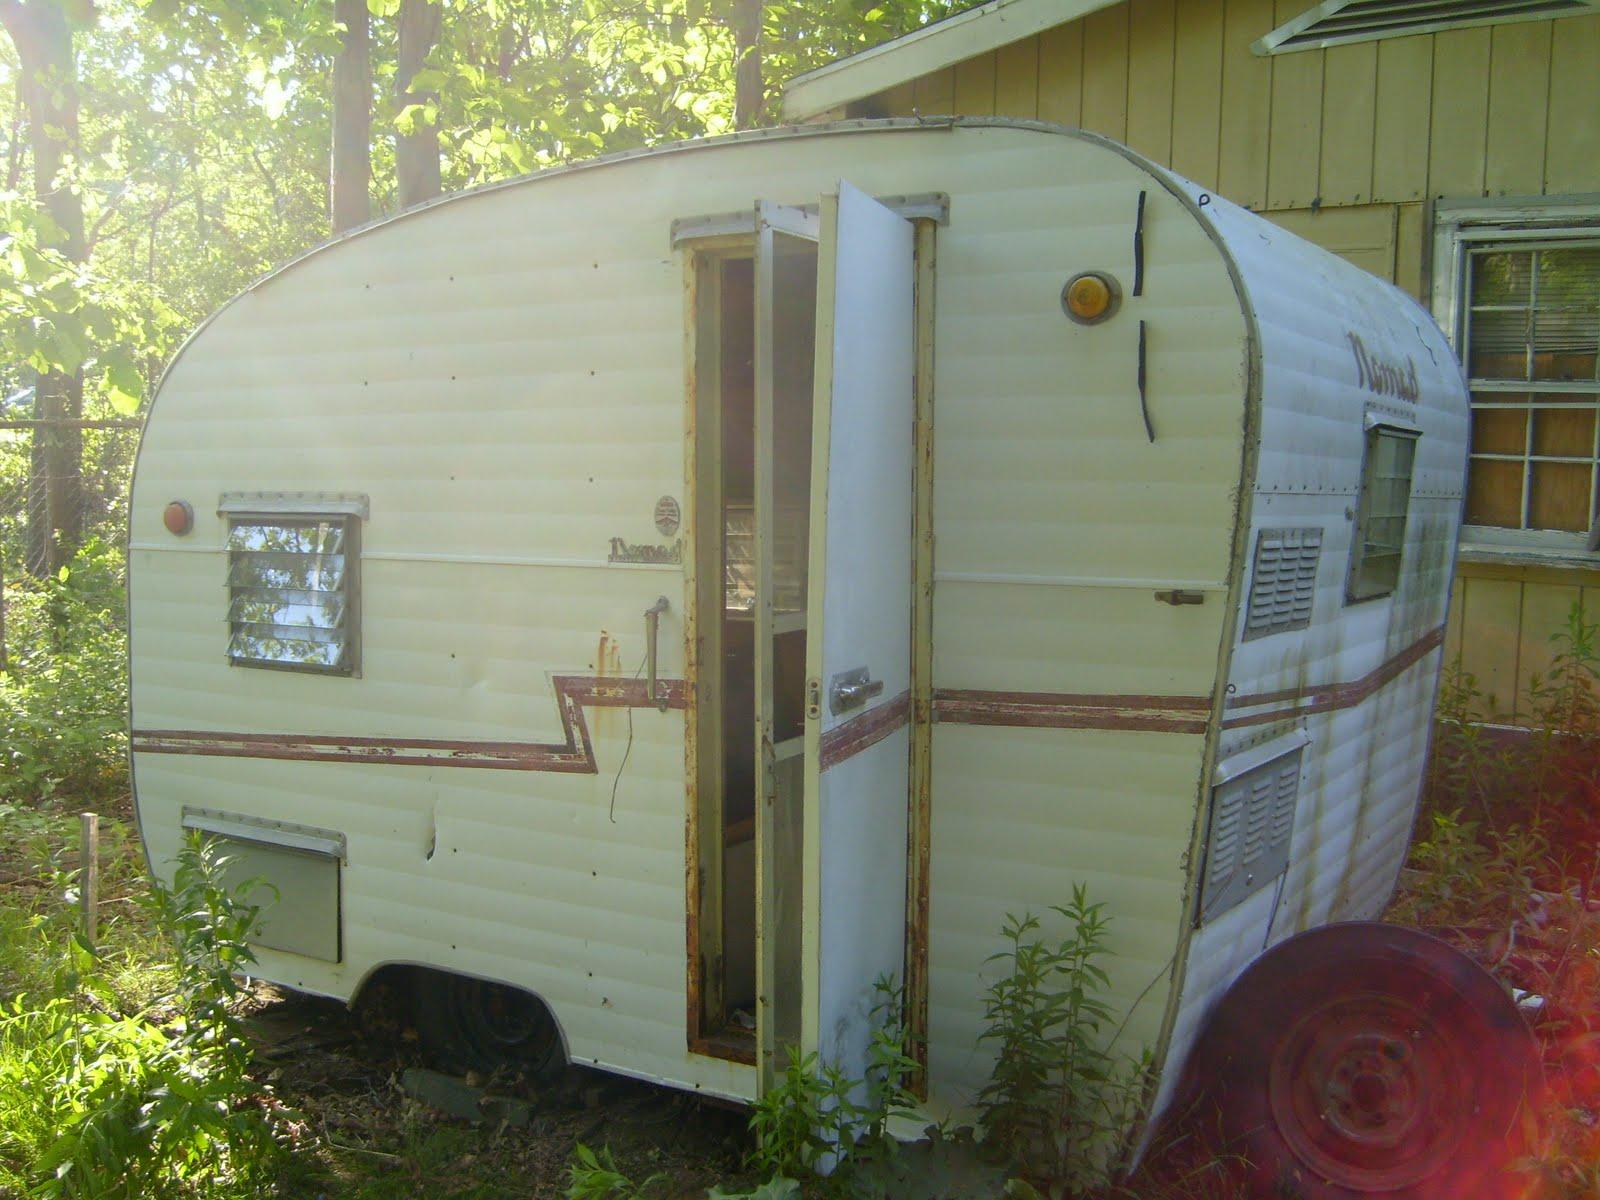 nomad camper restoration. Black Bedroom Furniture Sets. Home Design Ideas